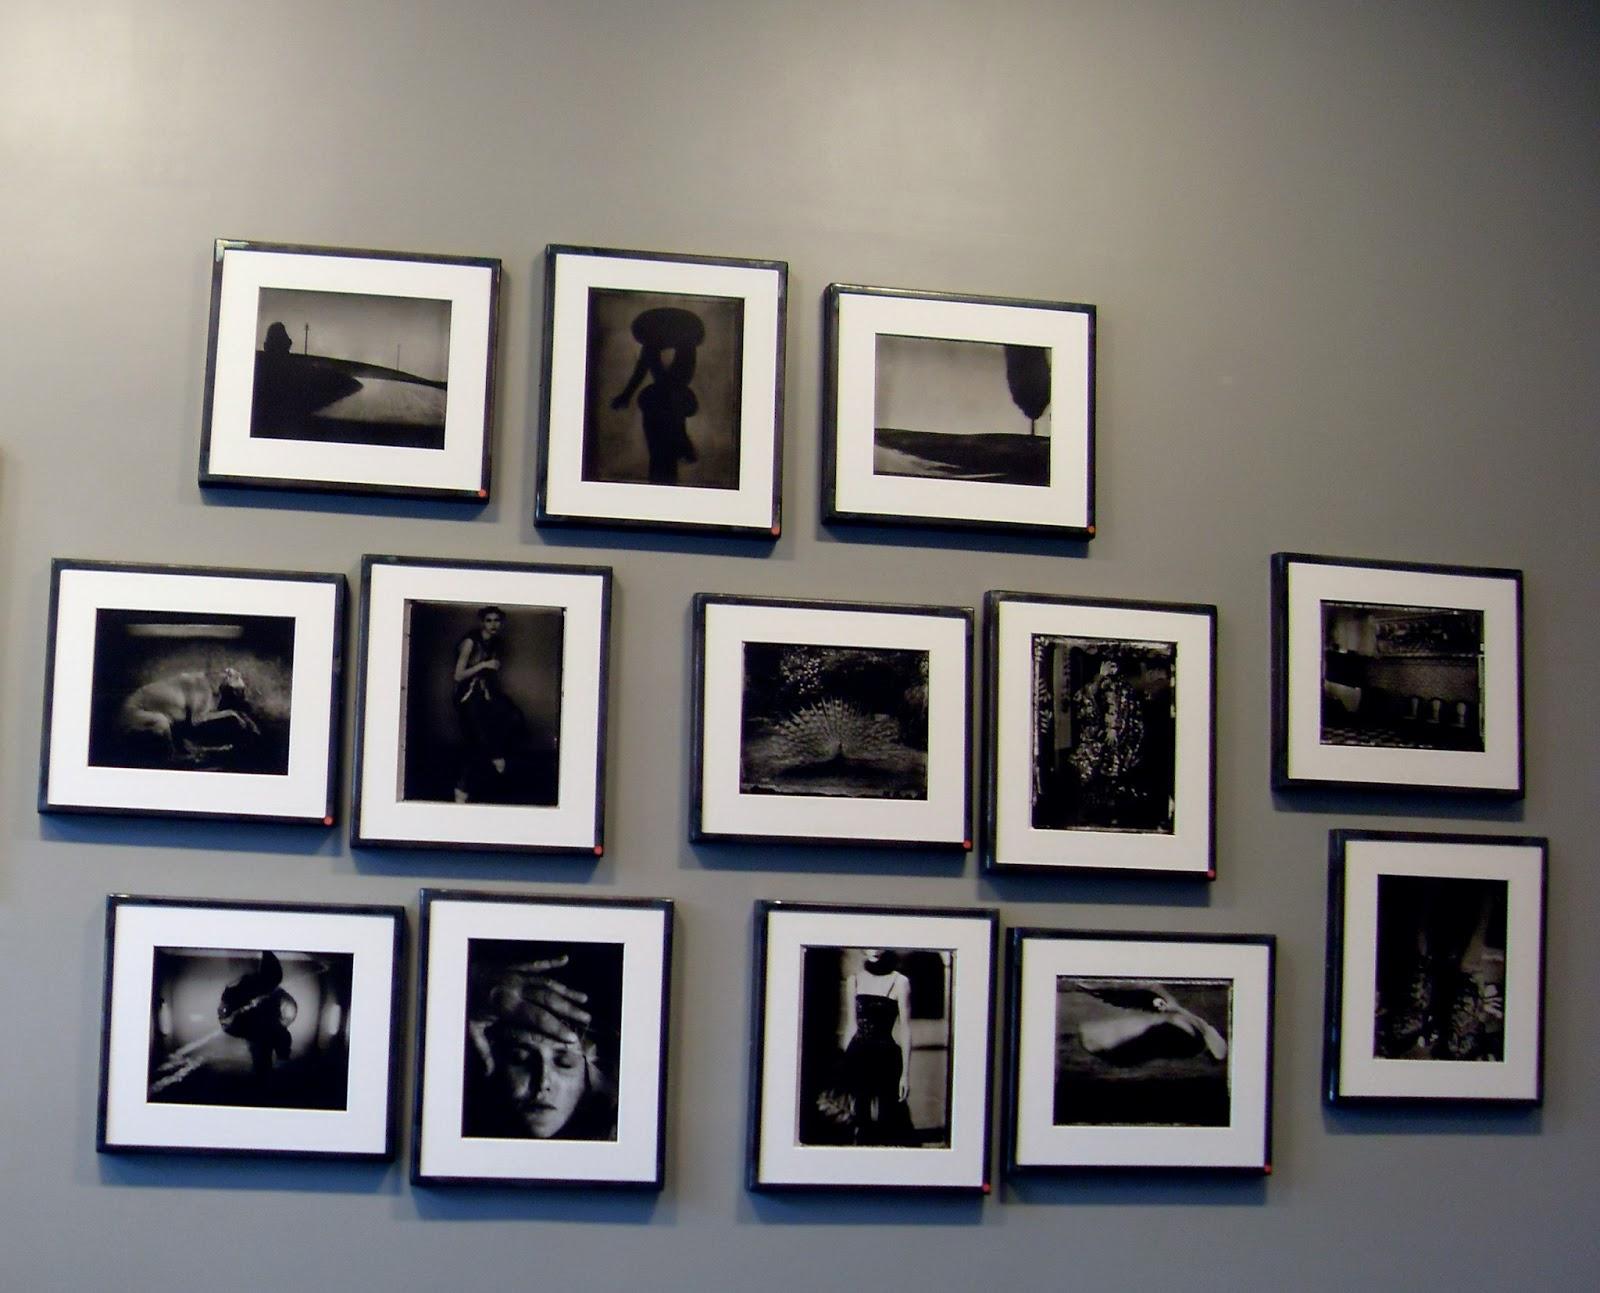 Comment disposer un cadre sur un mur gorgeous and luxury - Decorer un mur avec des cadres photos ...